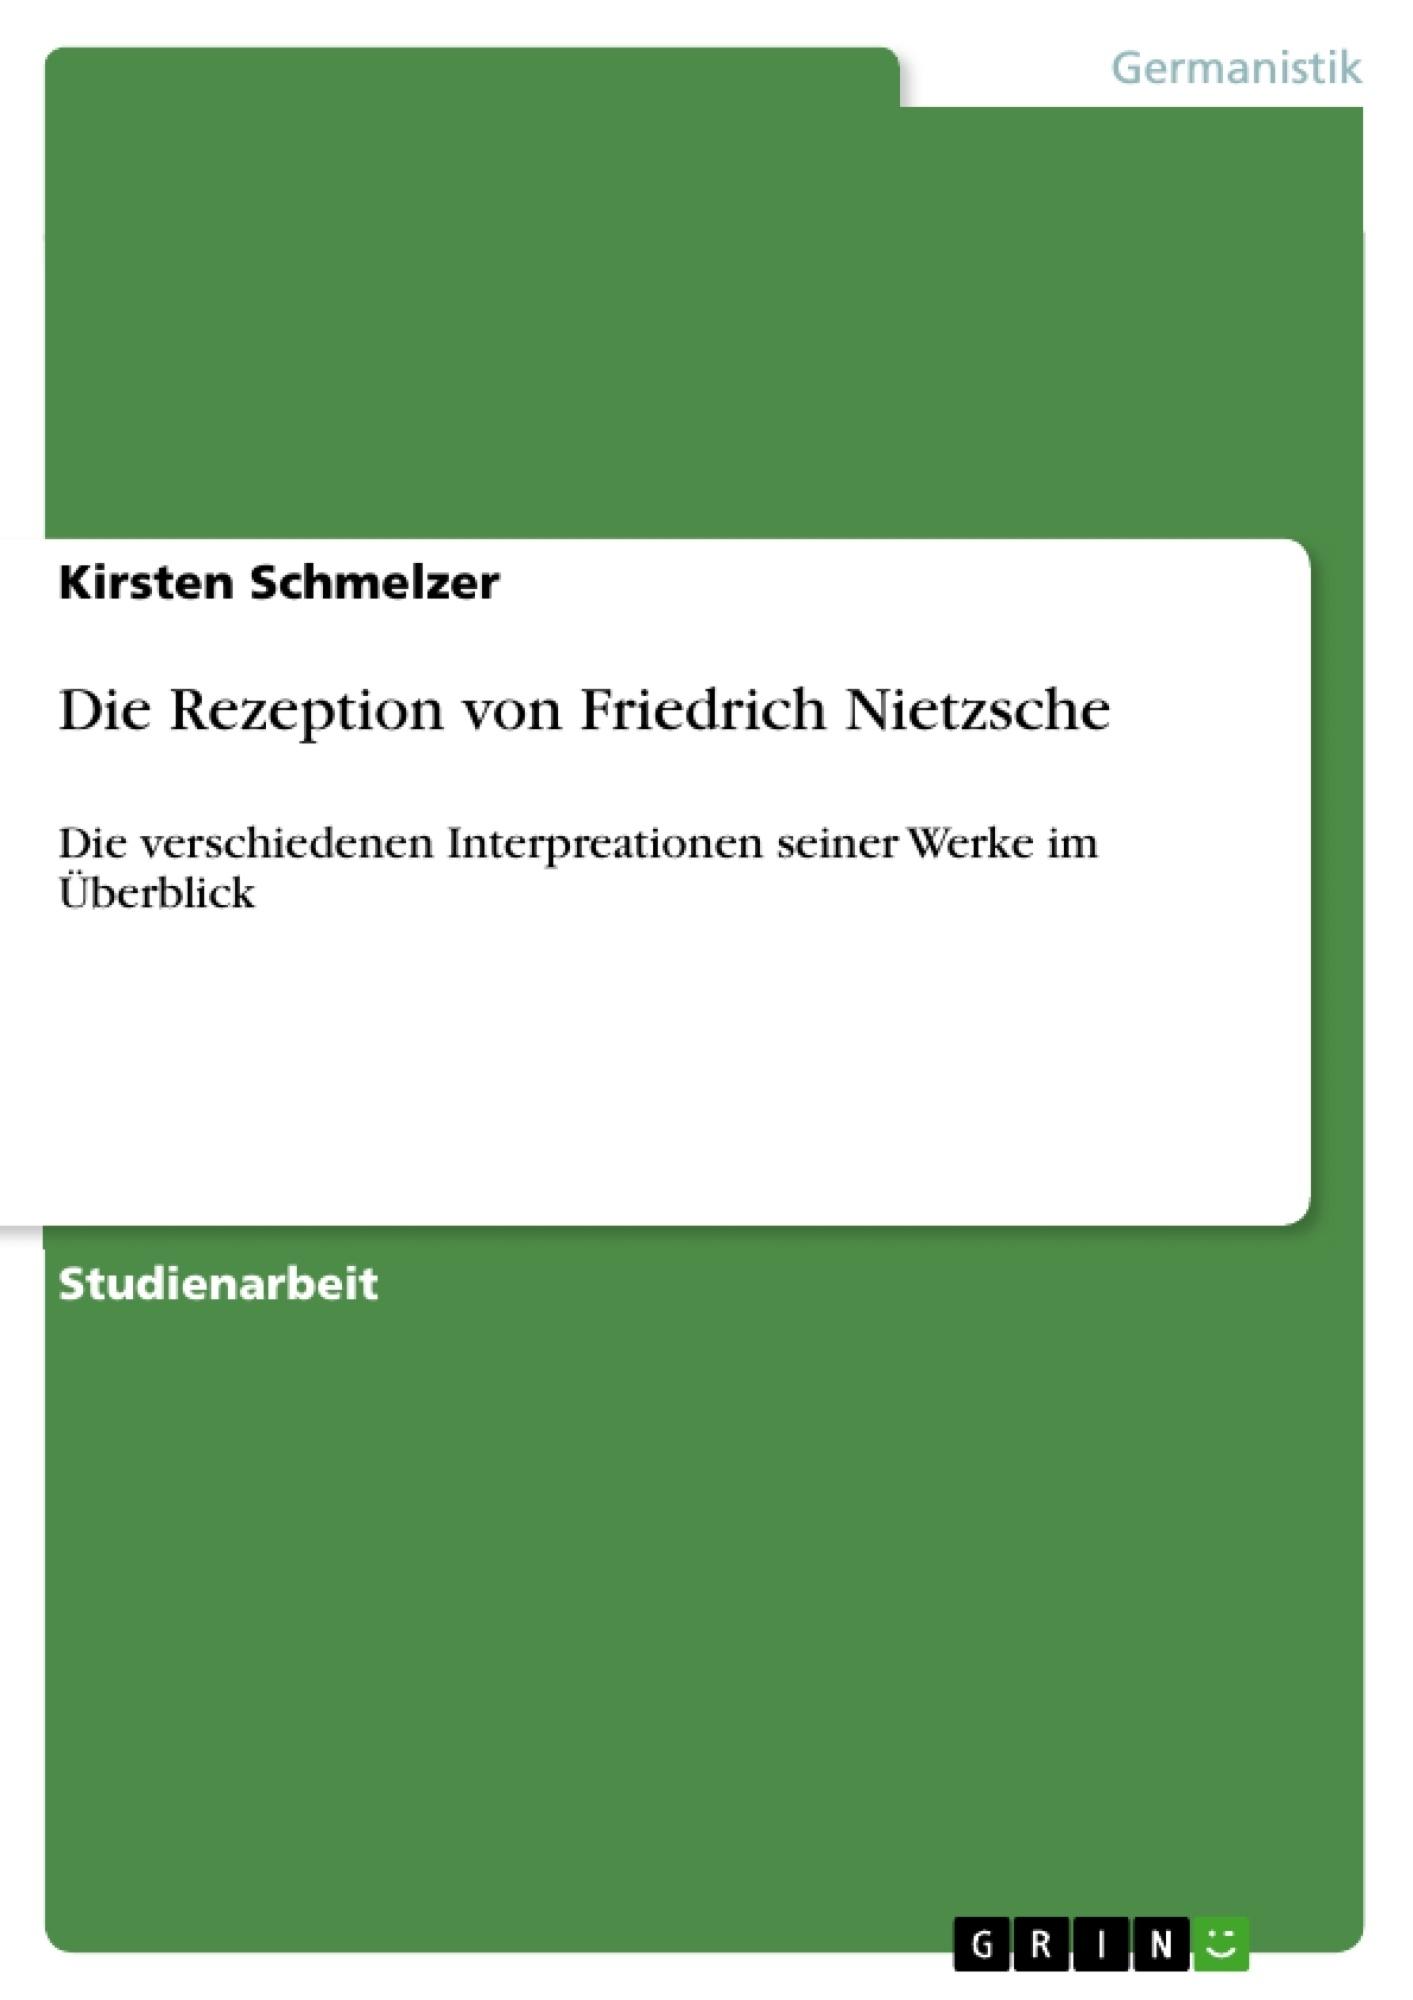 Titel: Die Rezeption von Friedrich Nietzsche